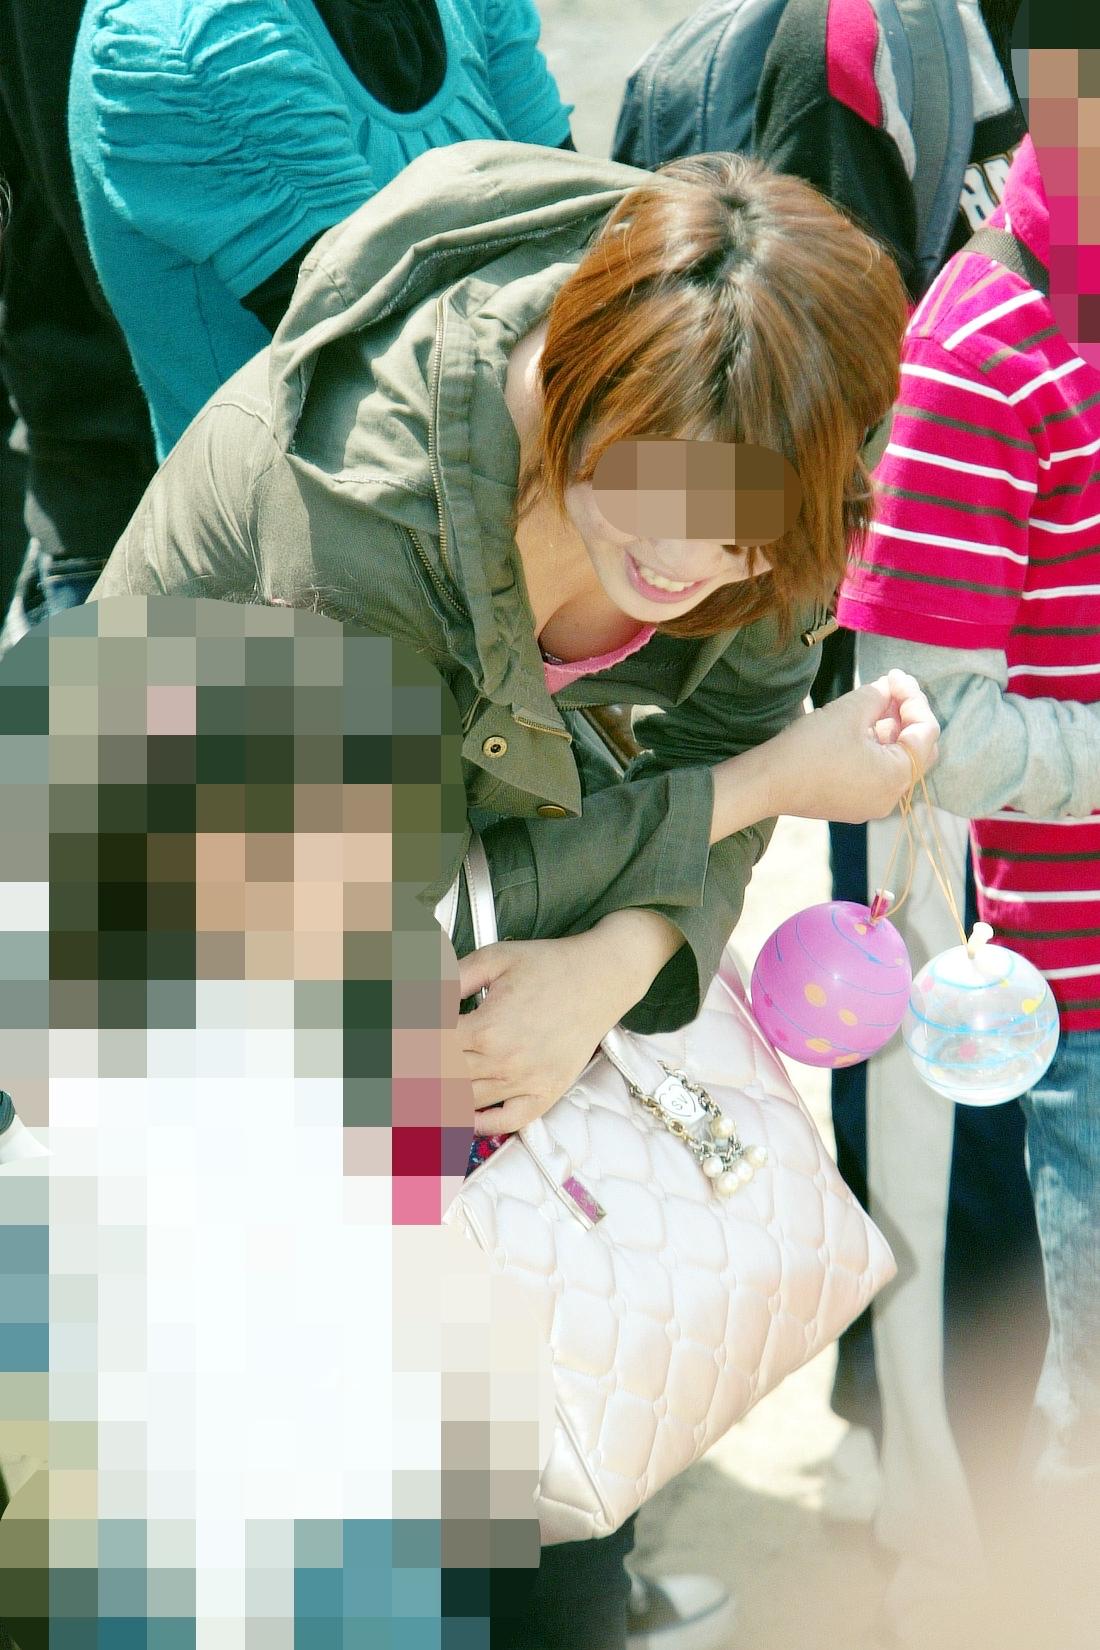 無防備エッチが酷い子連れ若ママの街撮り素人エロ画像-053